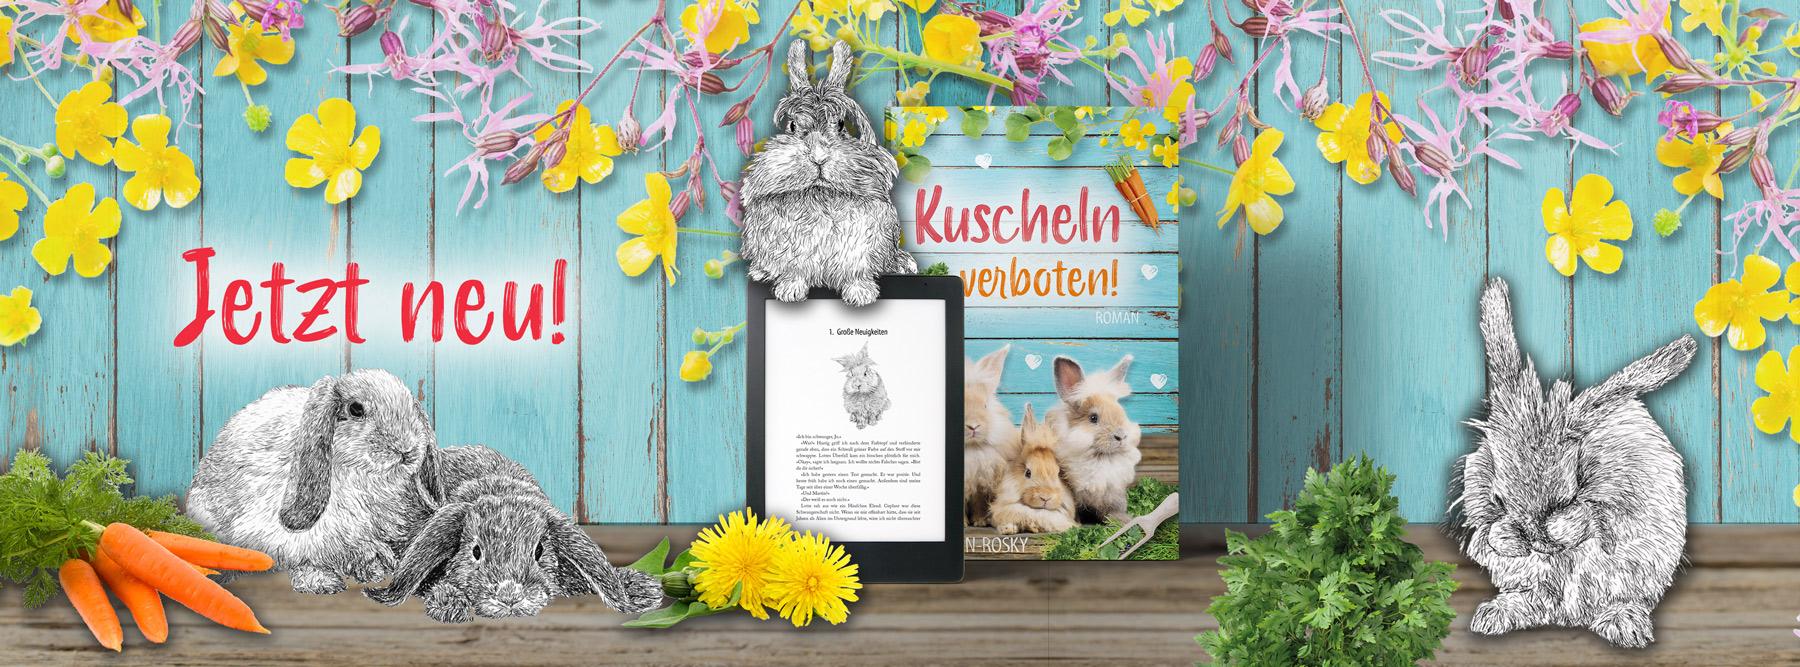 Kuscheln verboten! – der neue Roman von Janina Venn-Rosky mit zahlreichen Kaninchenillustrationen